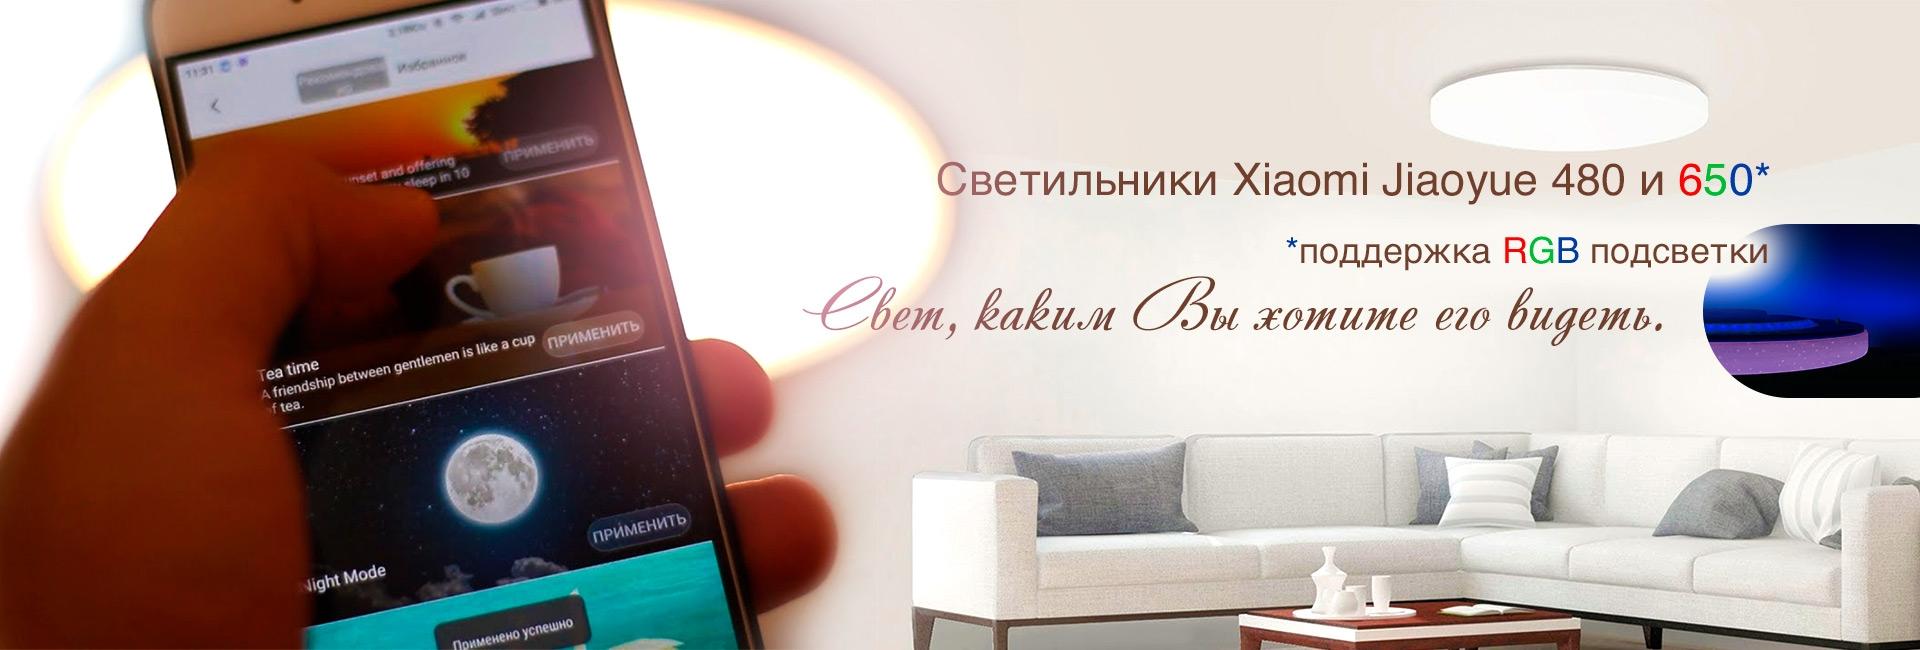 Светильники Xiaomi Jiaoyue в Санкт-Петербурге